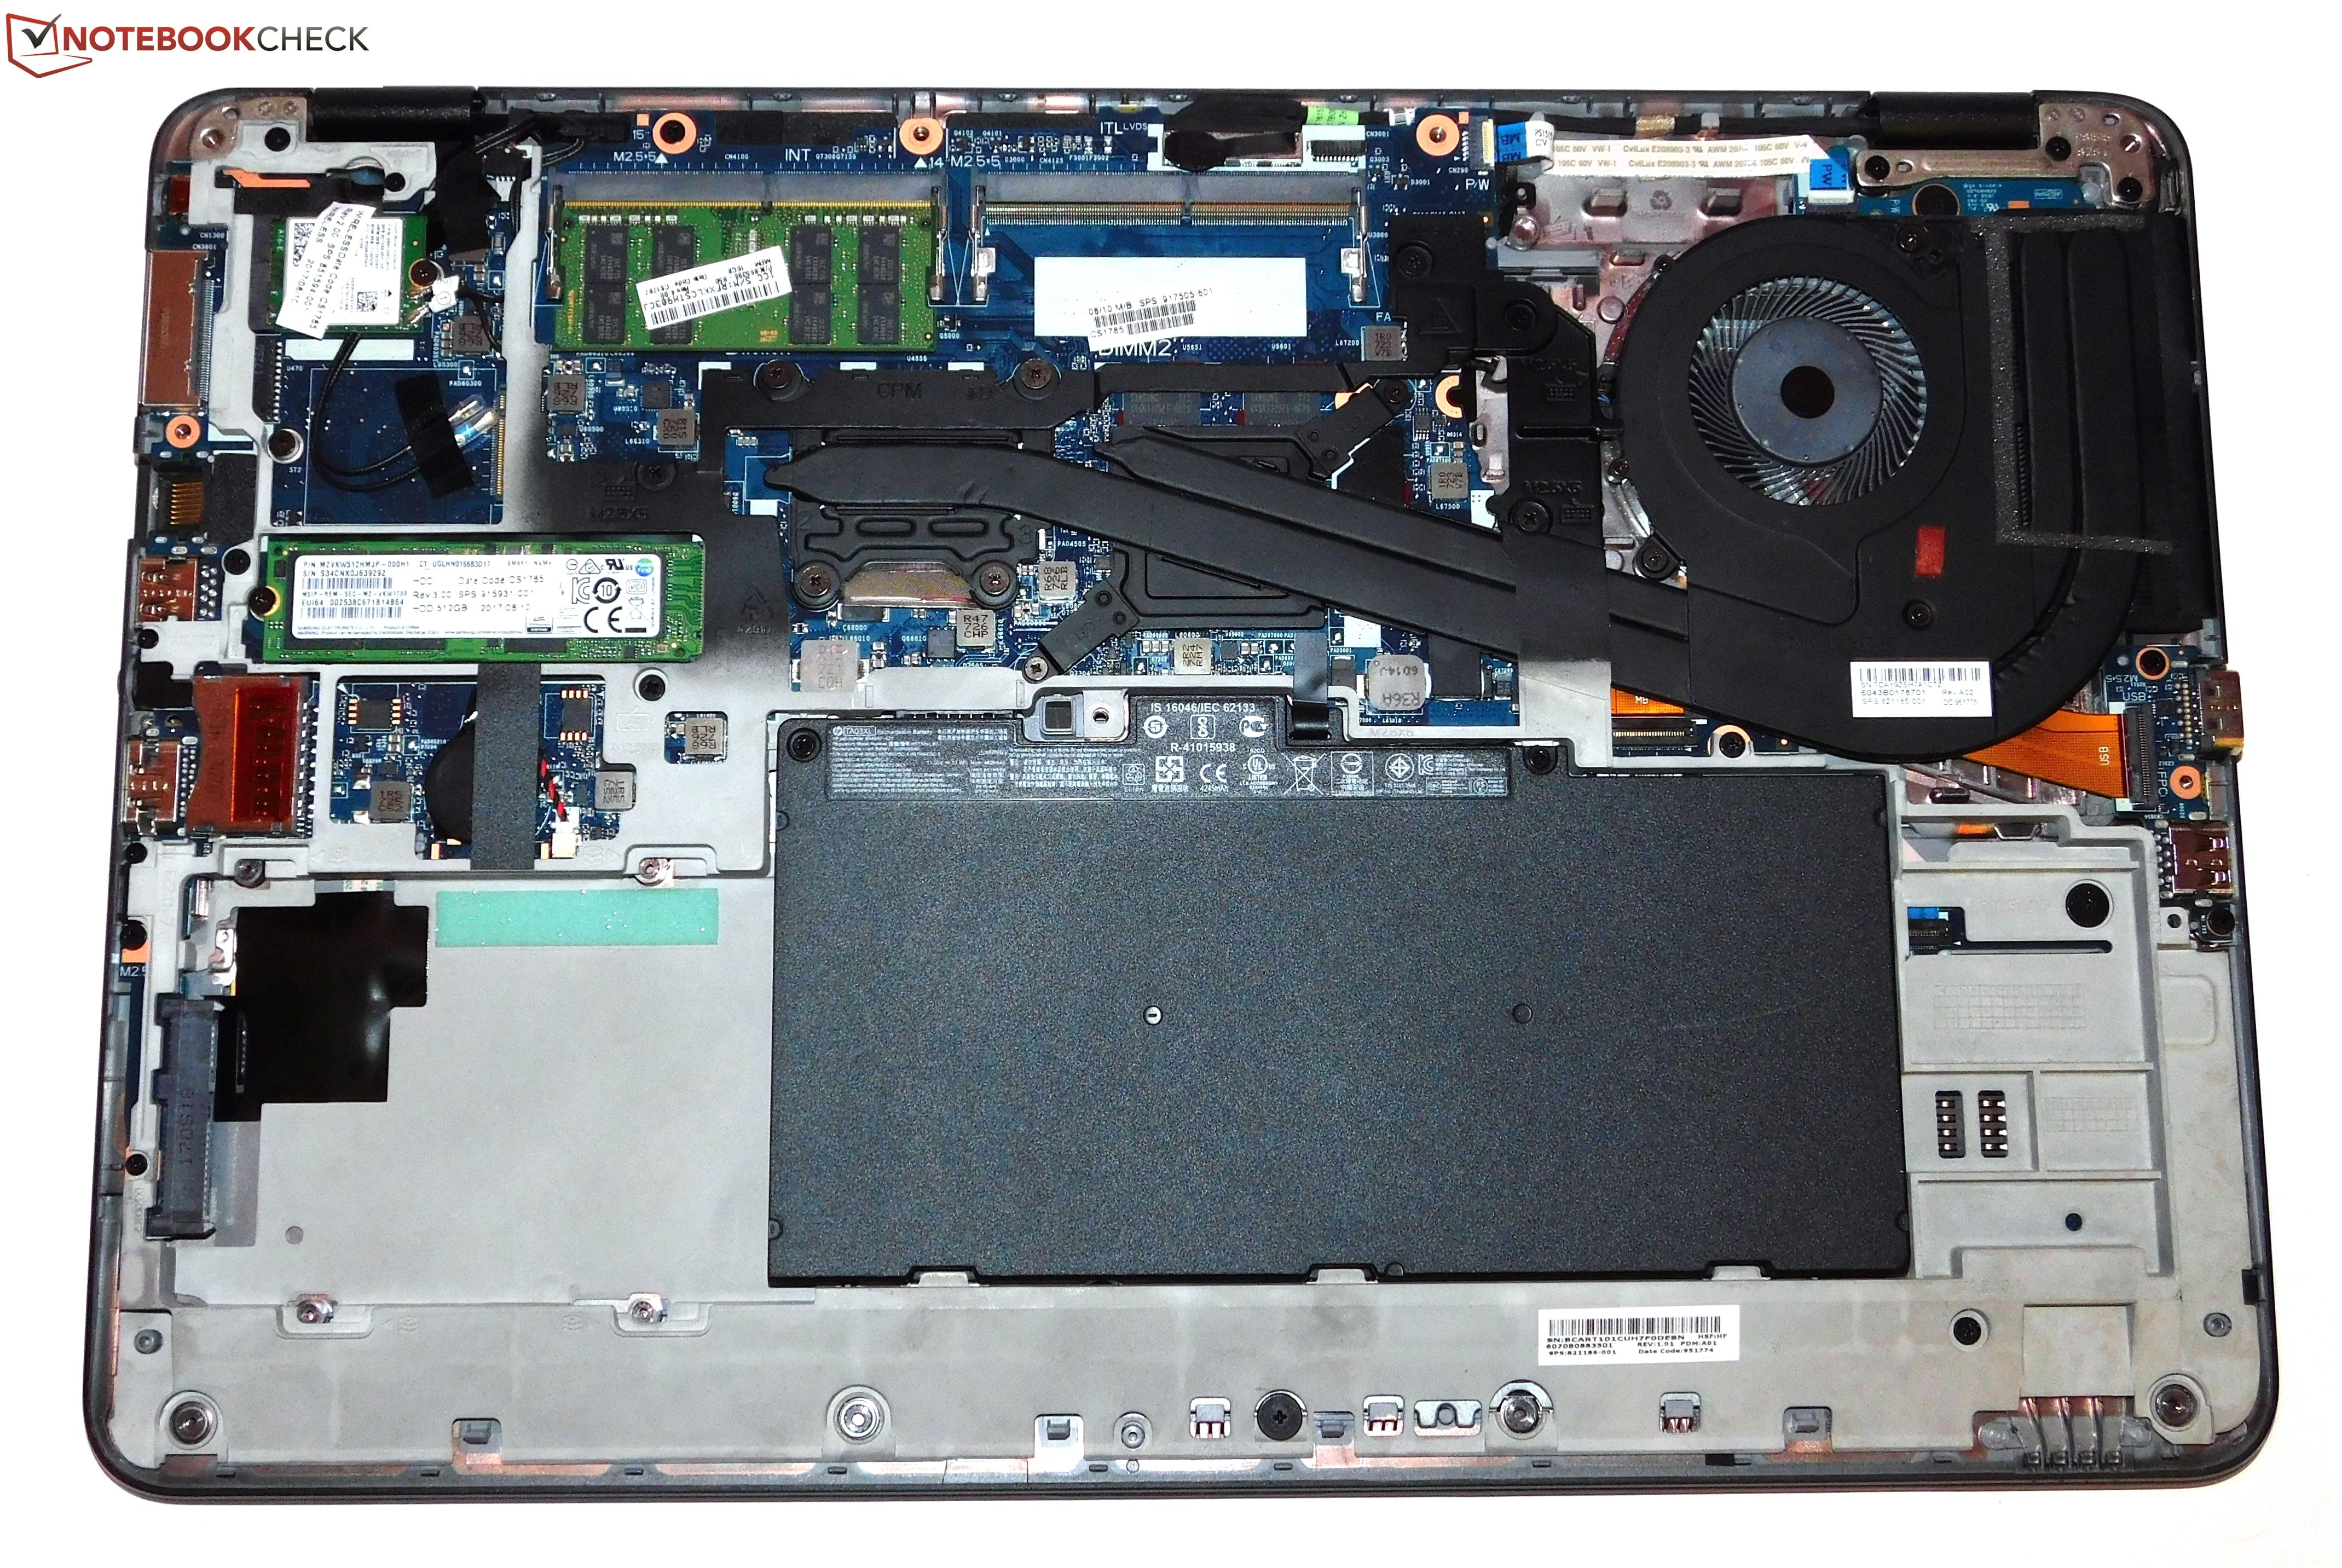 HP ZBook 15u G4 (7500U, FirePro W4190M) Workstation Review